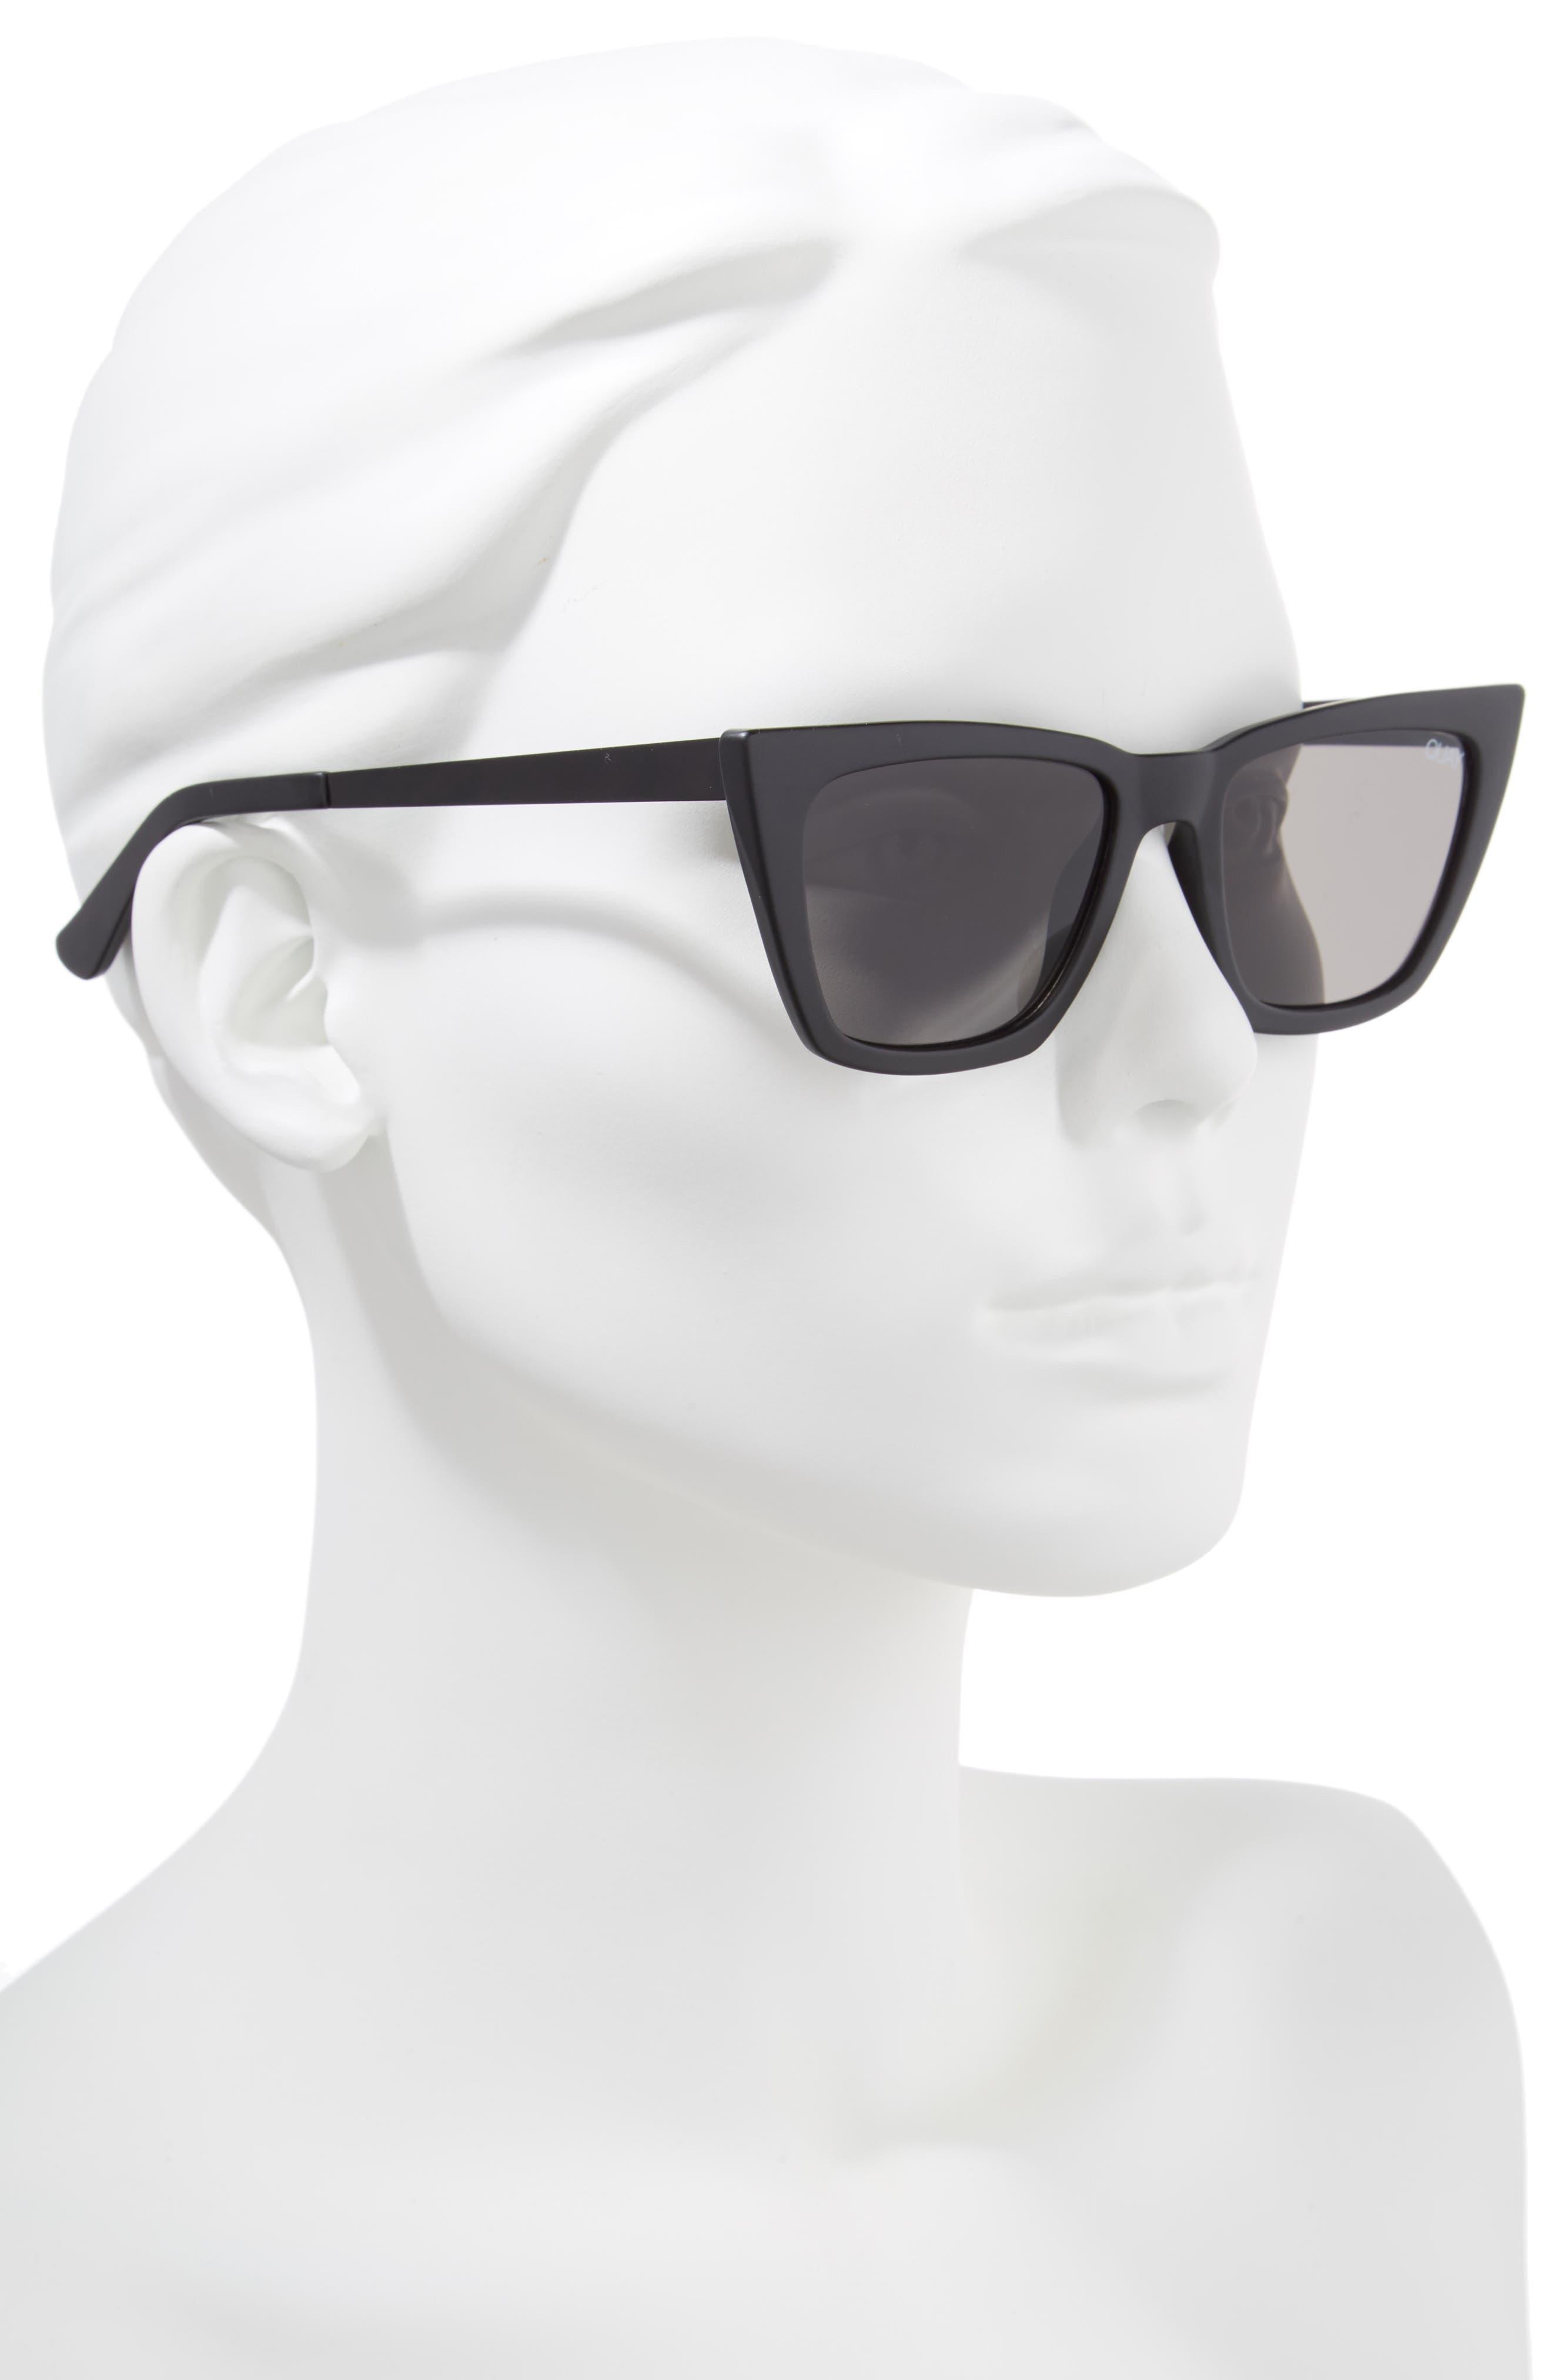 x Desi Perkins Don't @ Me 48mm Cat Eye Sunglasses,                             Alternate thumbnail 2, color,                             BLACK/ SMOKE